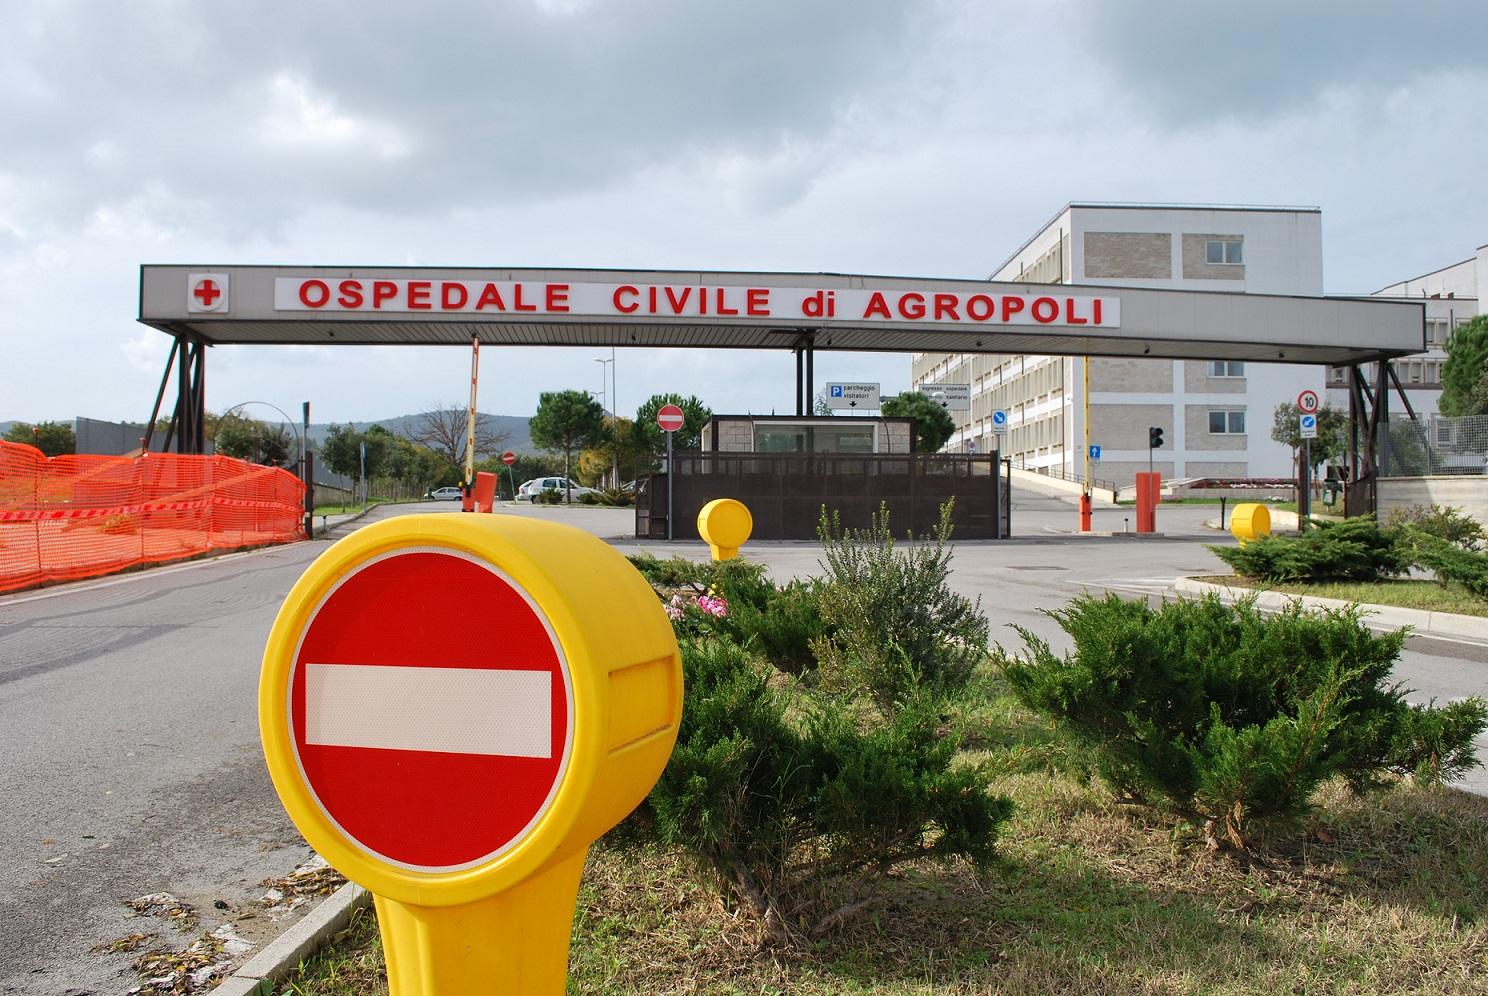 ospedale_agropoli_